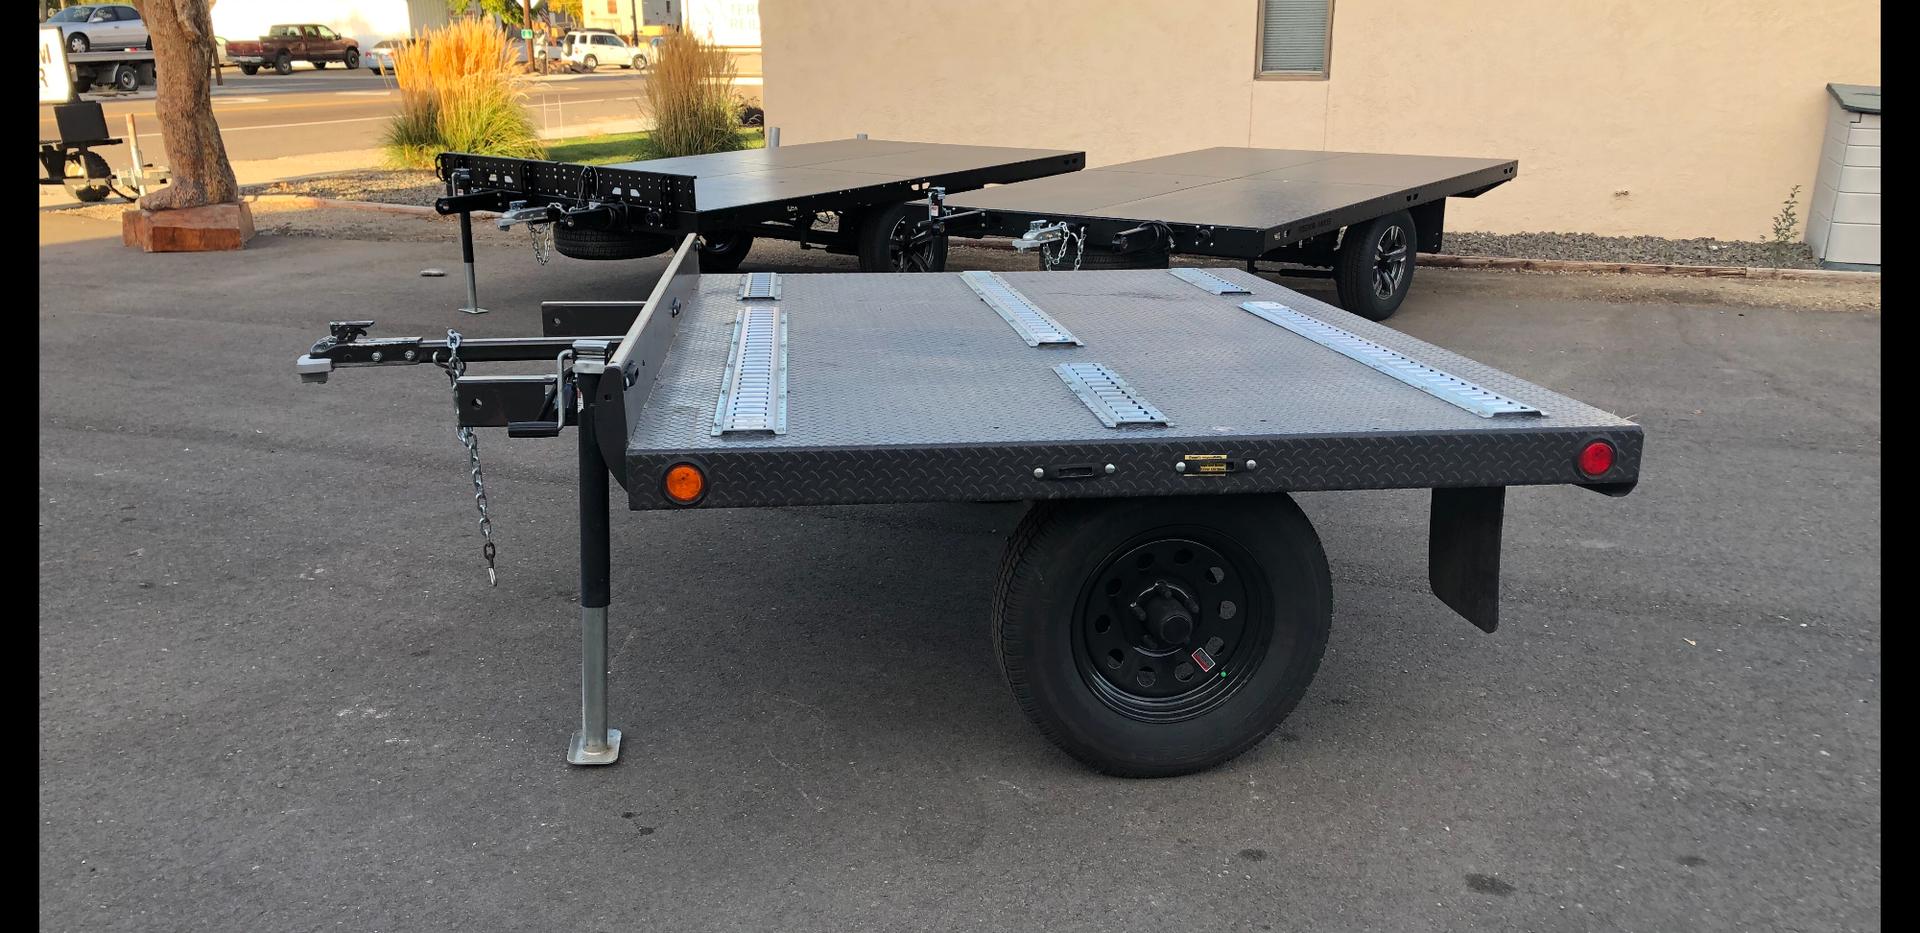 Consignment Unit - 2018 Freedom Hauler 6 ft